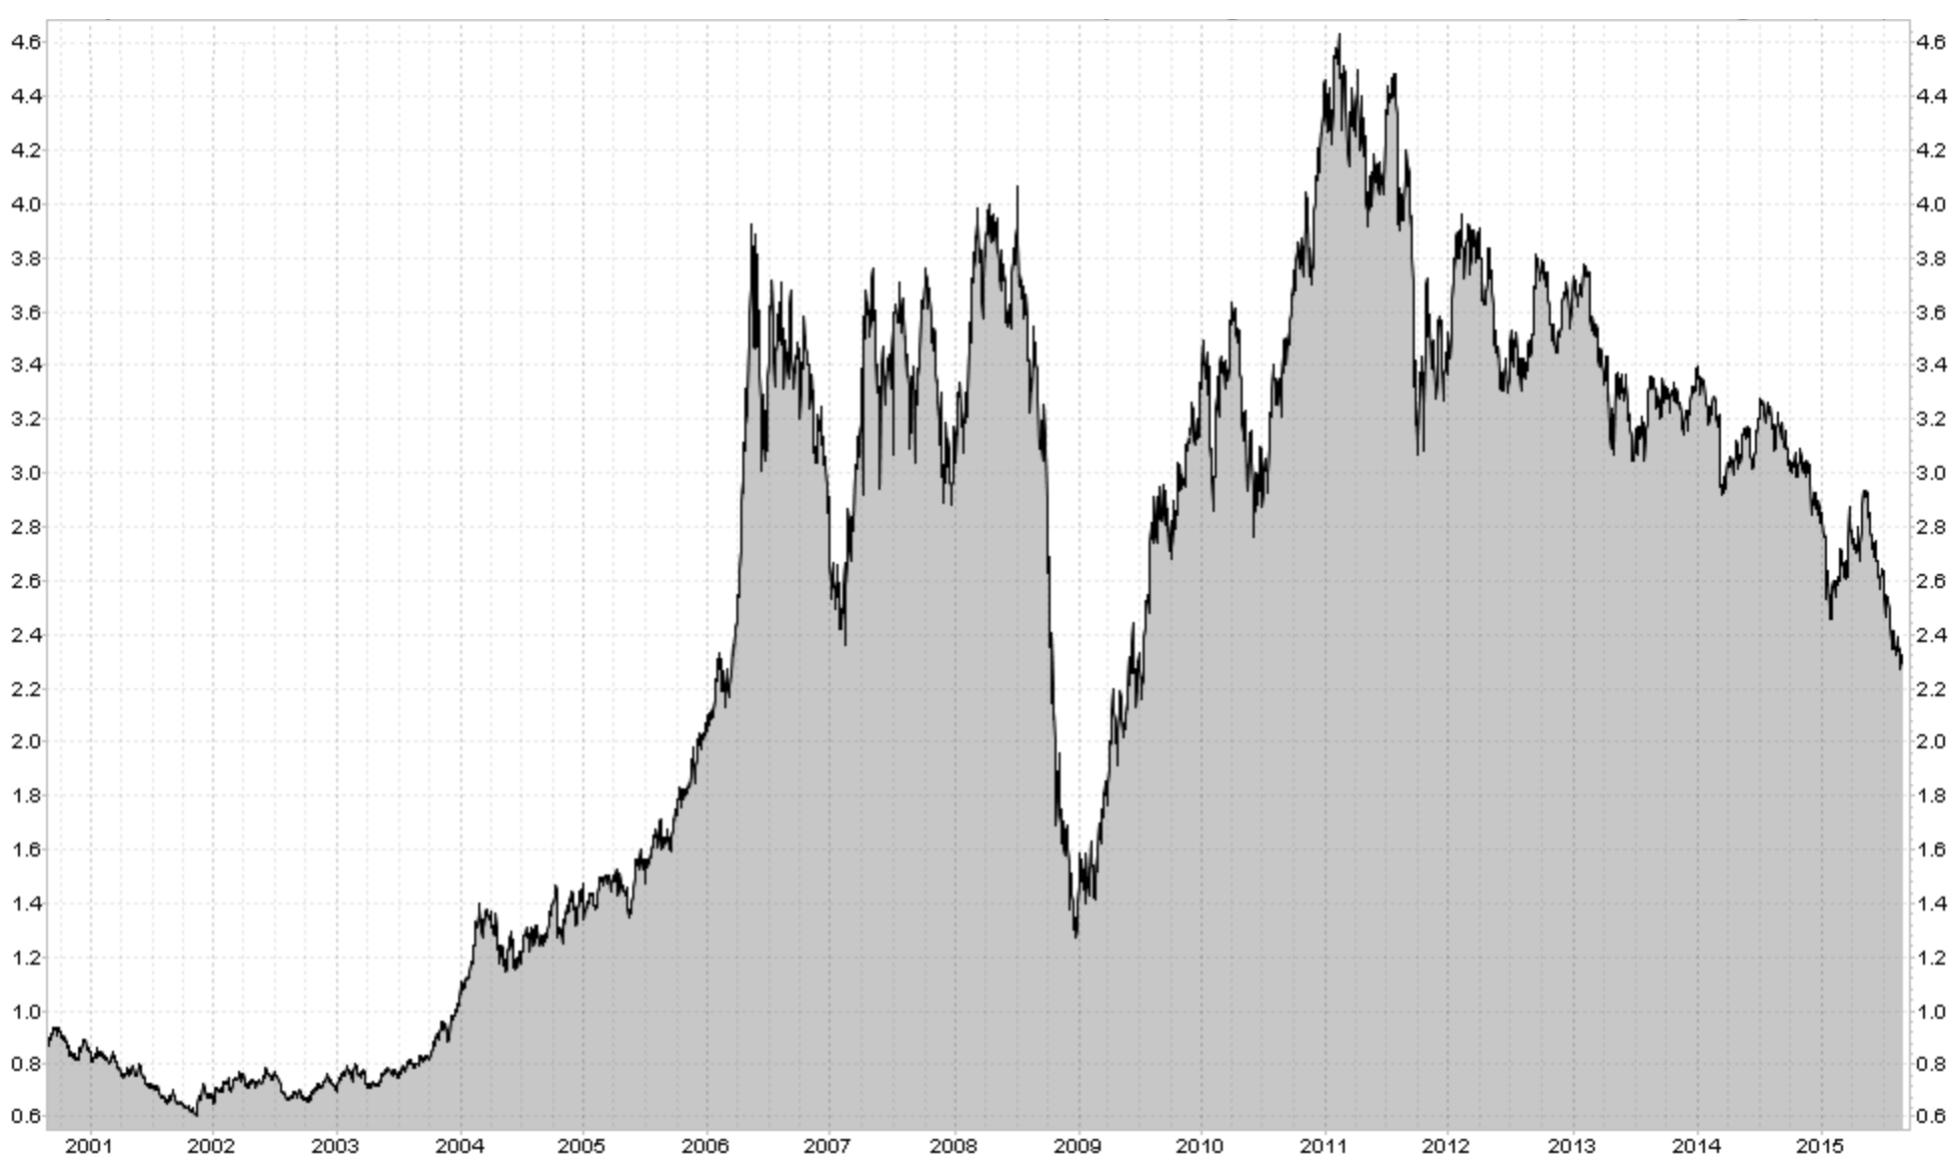 COPPER (USD/LB)